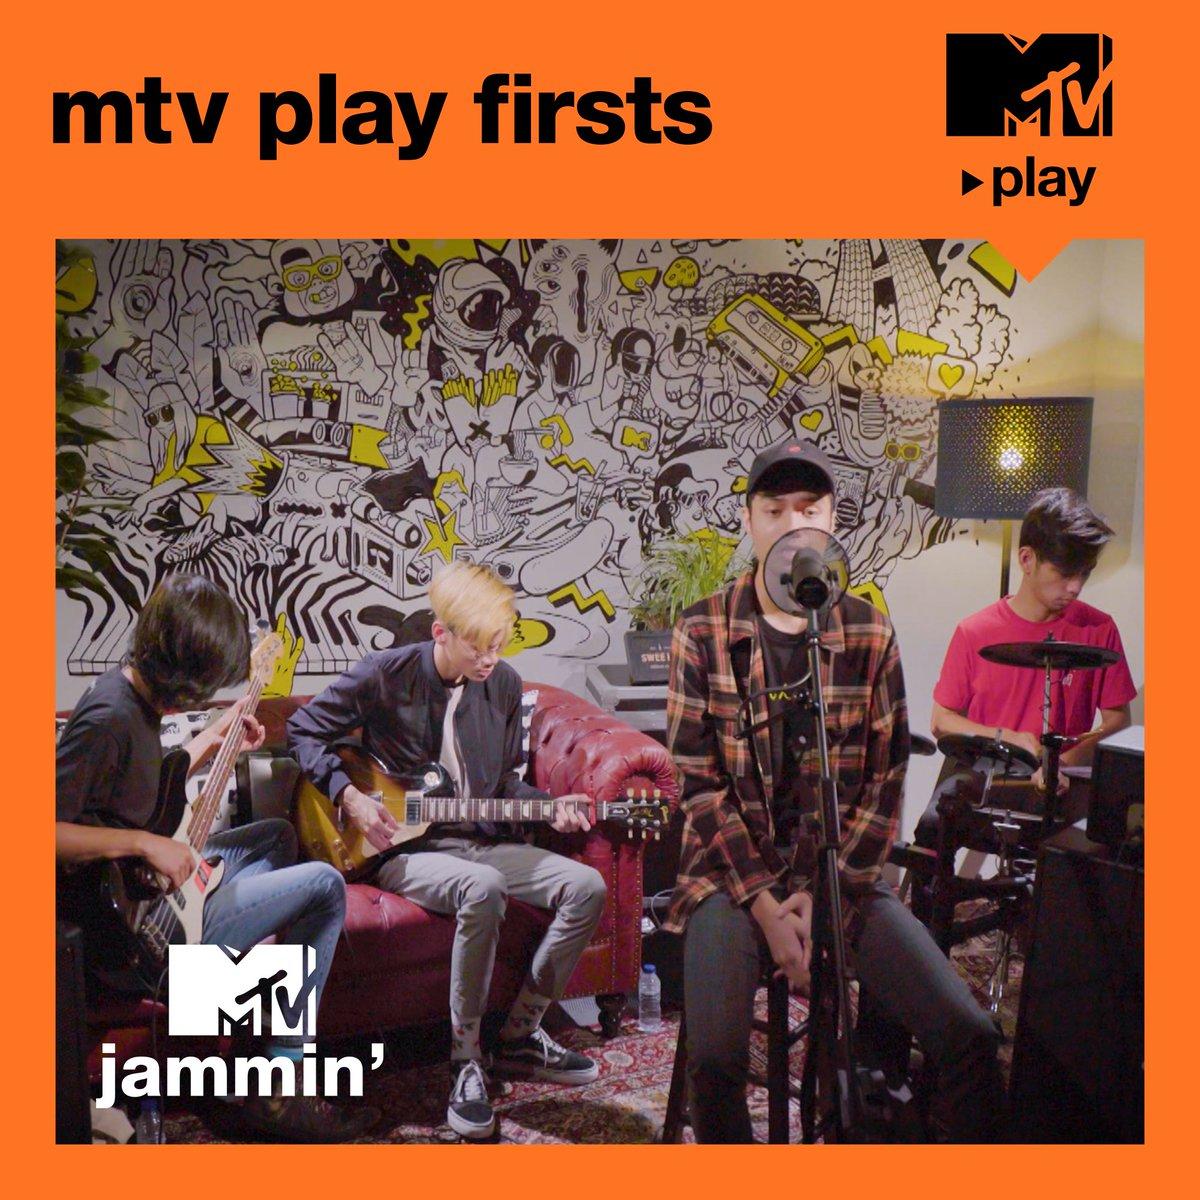 MTV Asia on Twitter: